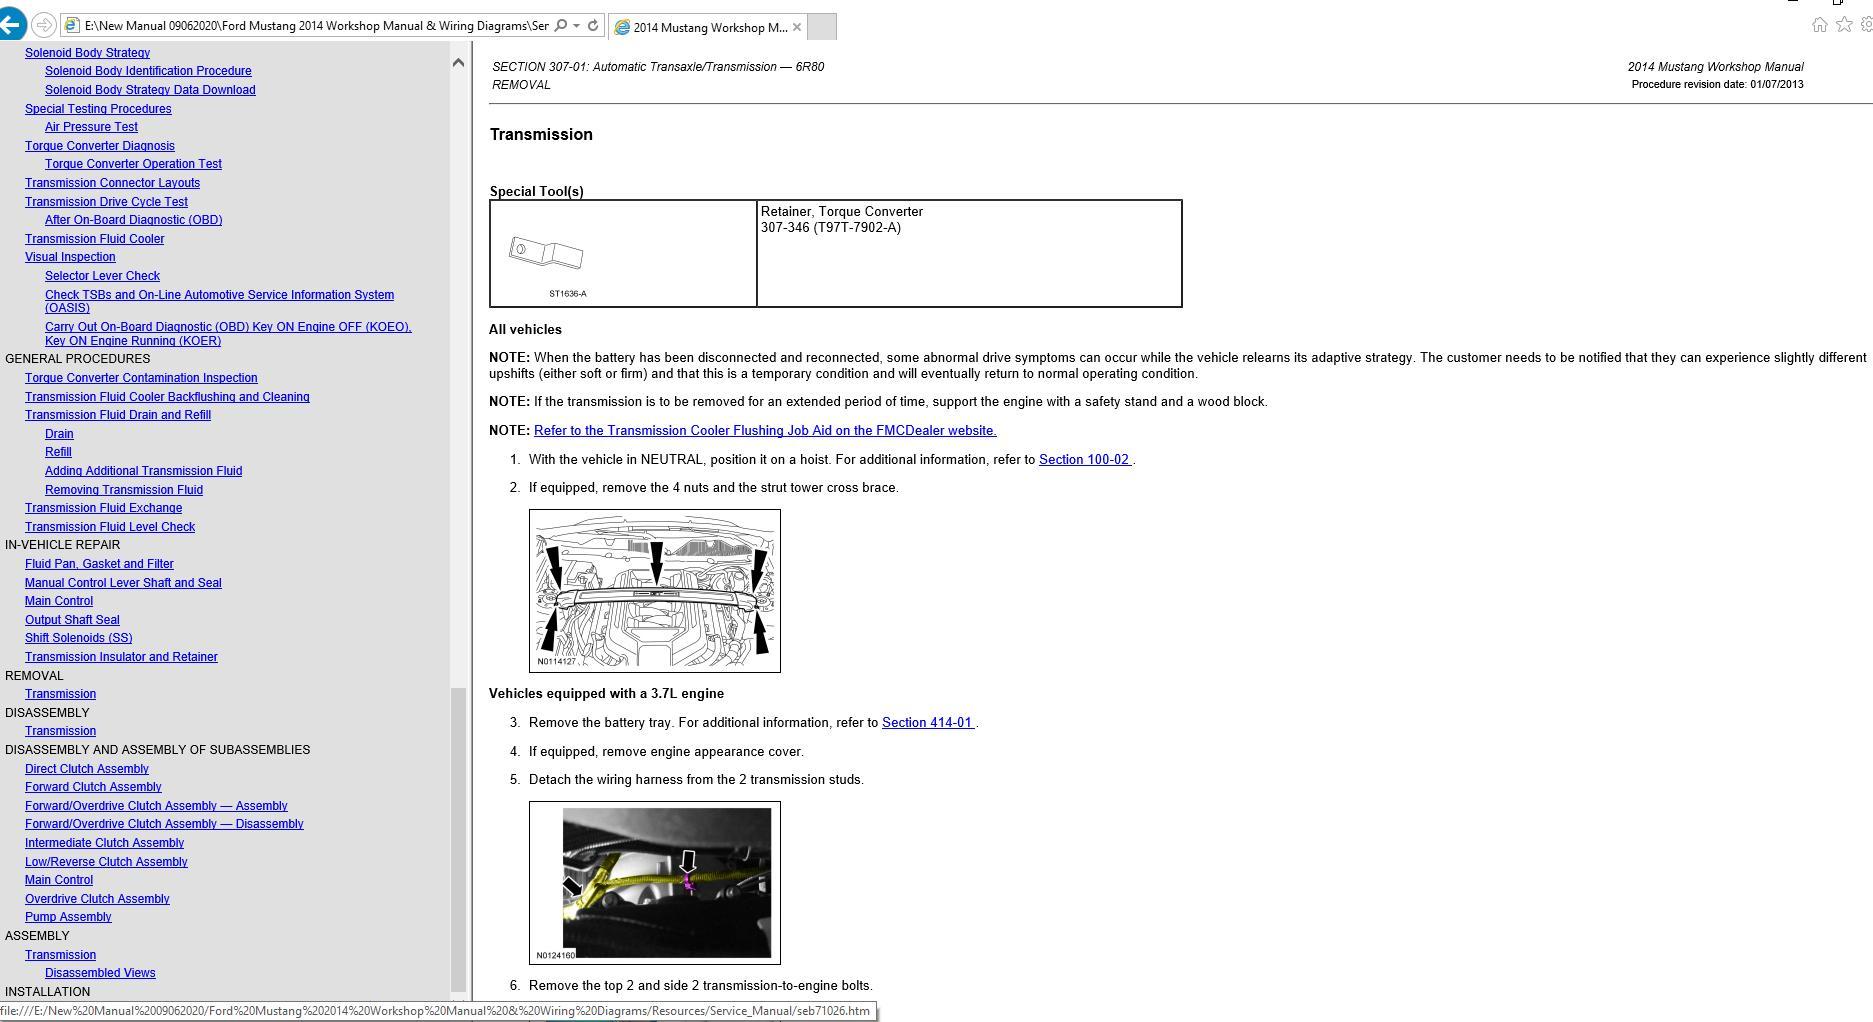 Ford Mustang 2014 Workshop Manual  U0026 Wiring Diagrams